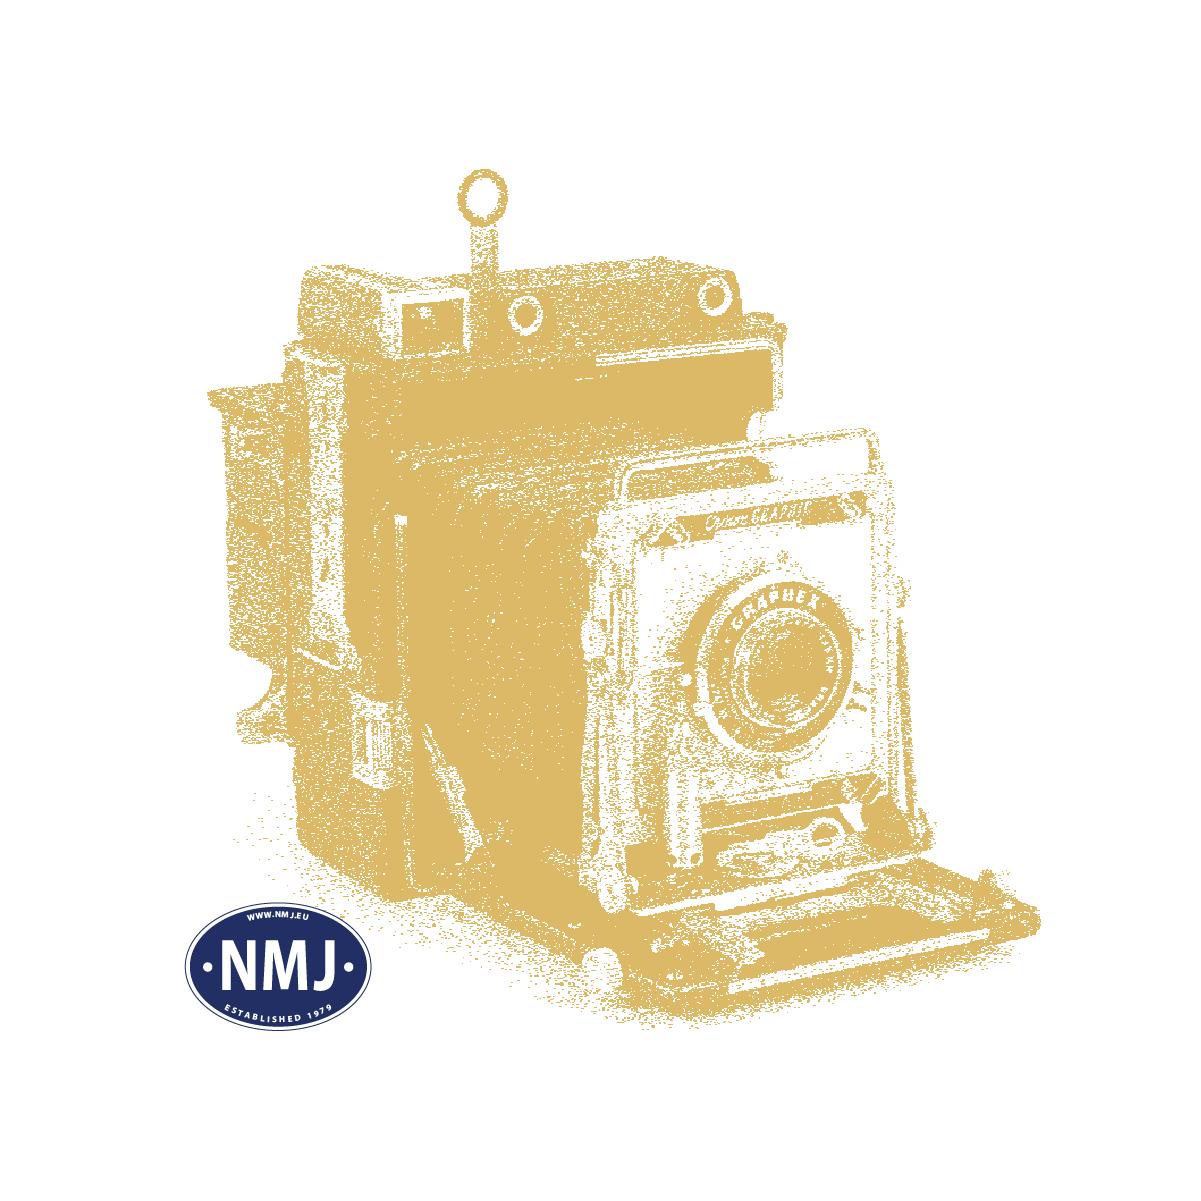 NOC07038 - Gresstuster / Blomster, 42 stk, Hvit